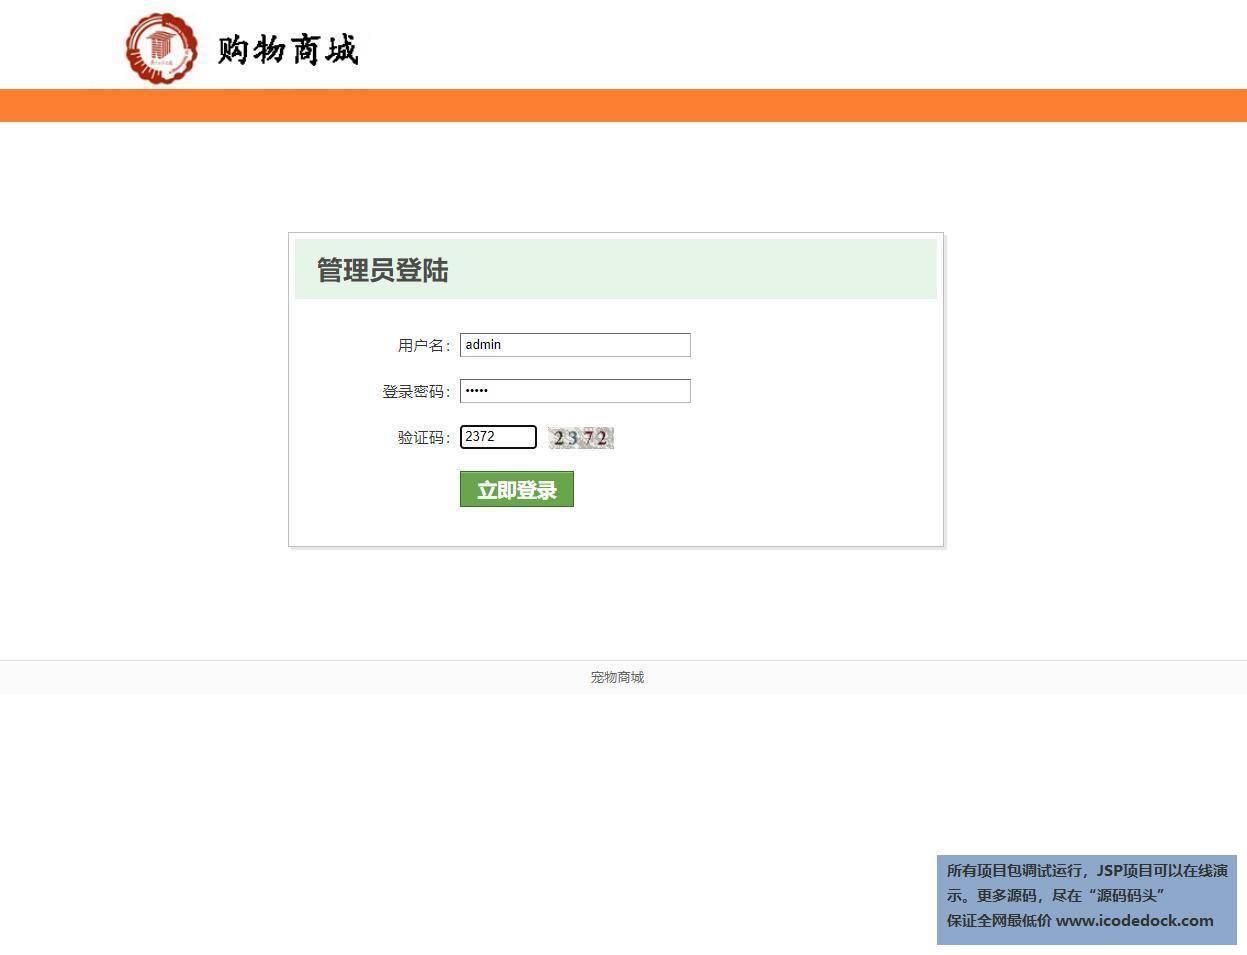 源码码头-SSH实现的一个宠物商城-管理员角色-管理员登录